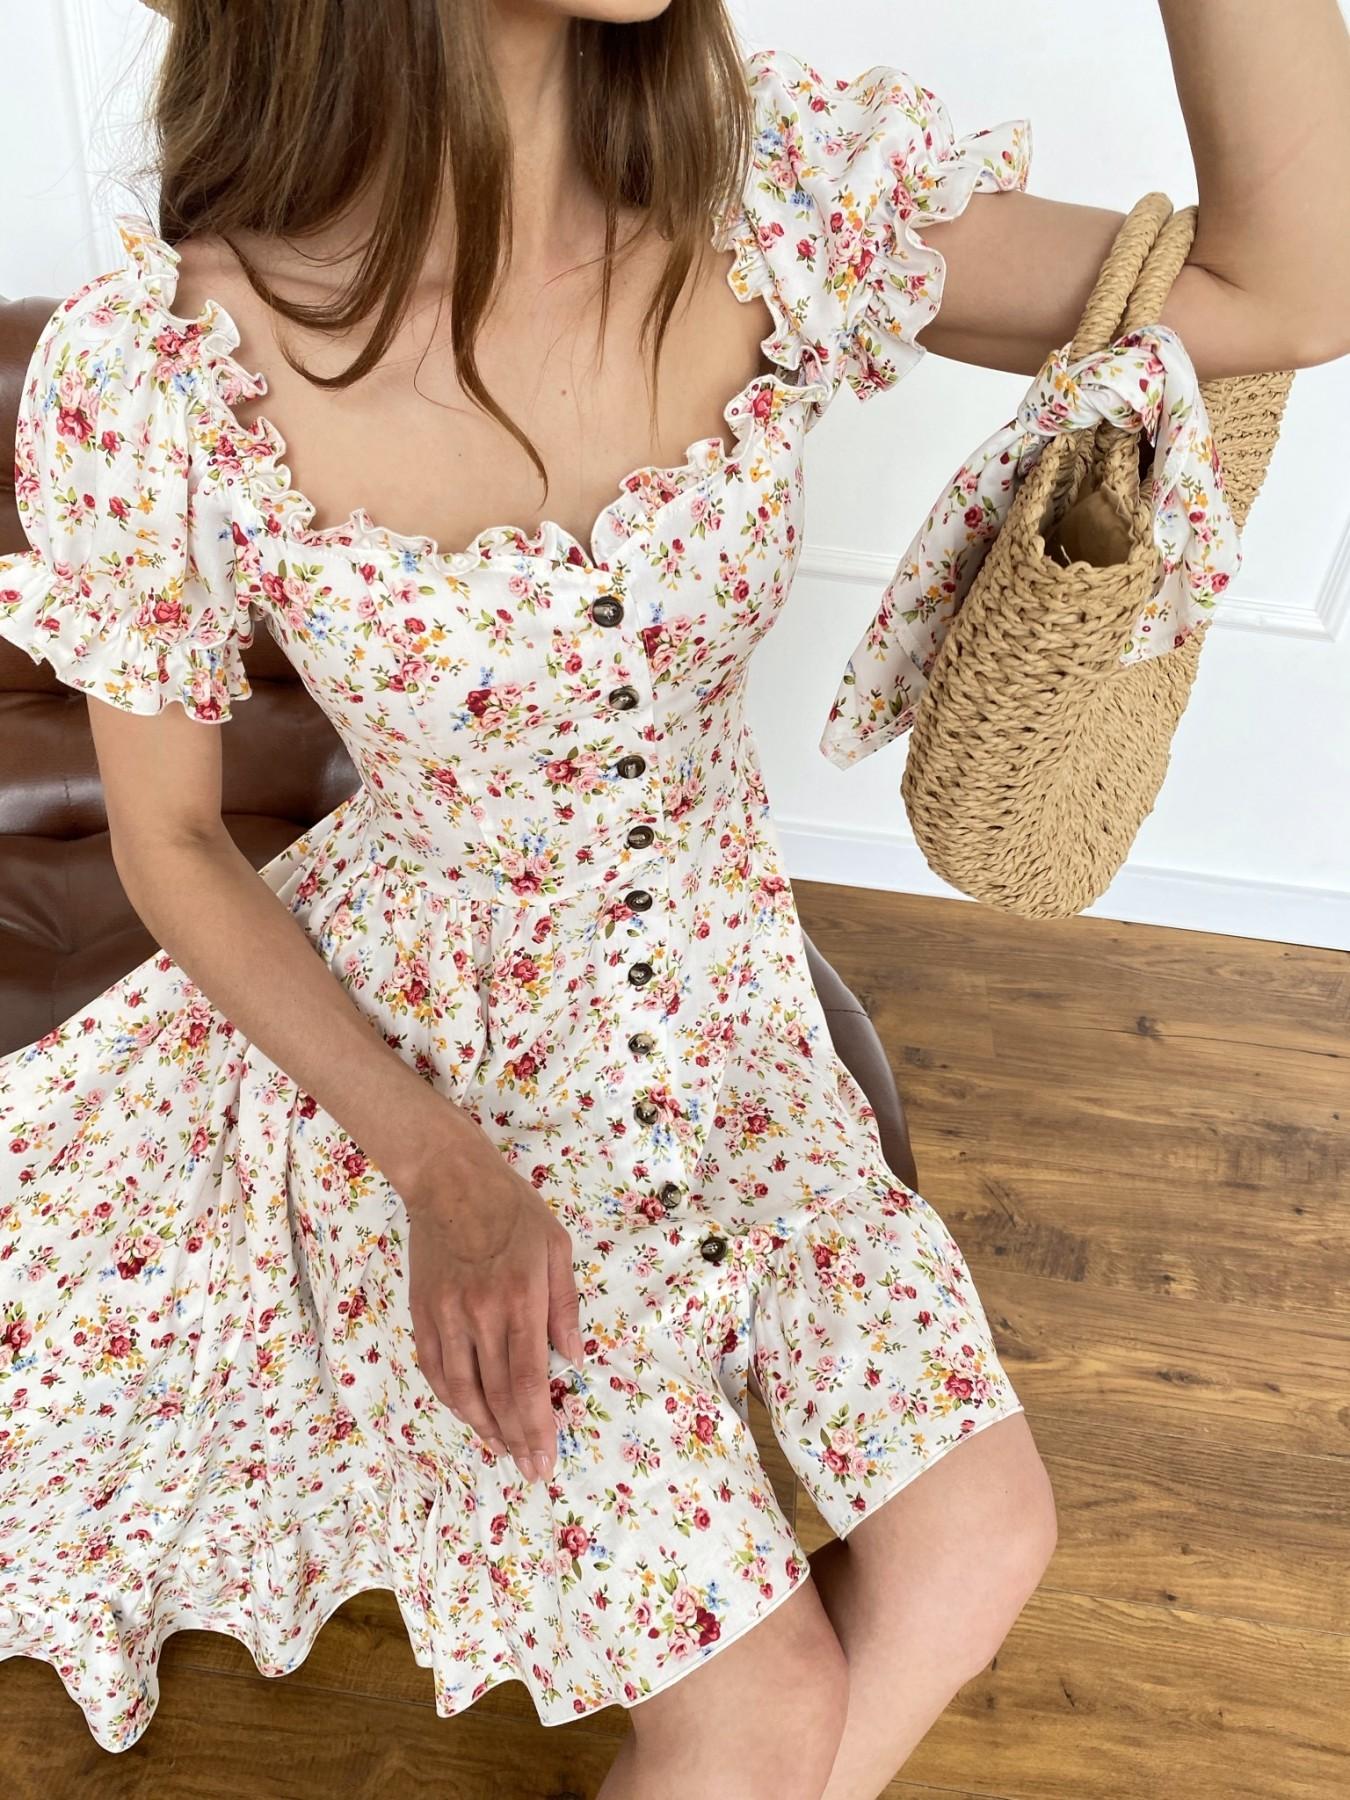 Нежность платье штапель принт 11420 АРТ. 47984 Цвет: Молоко/РозовыйБукет - фото 3, интернет магазин tm-modus.ru